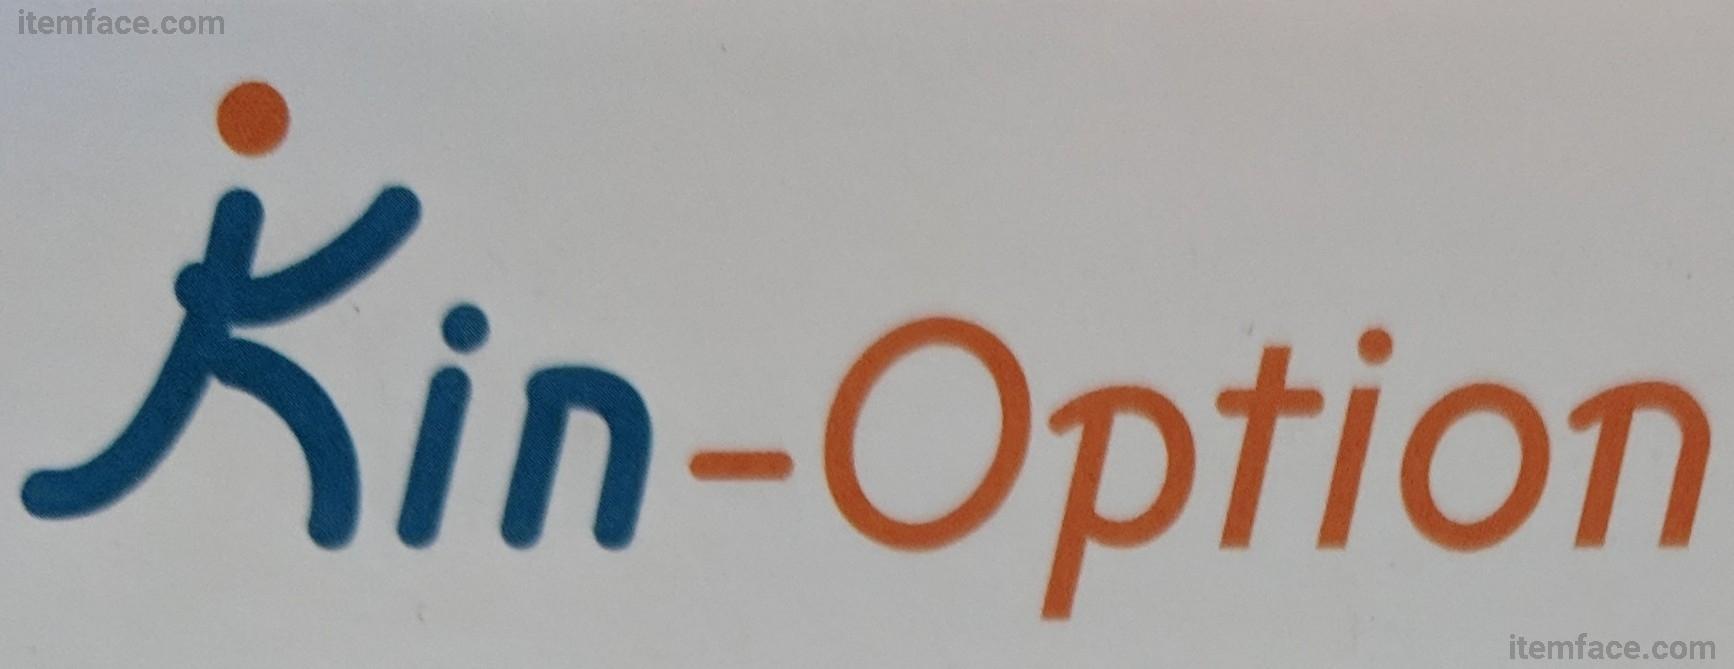 Kin-Option - Sports Club